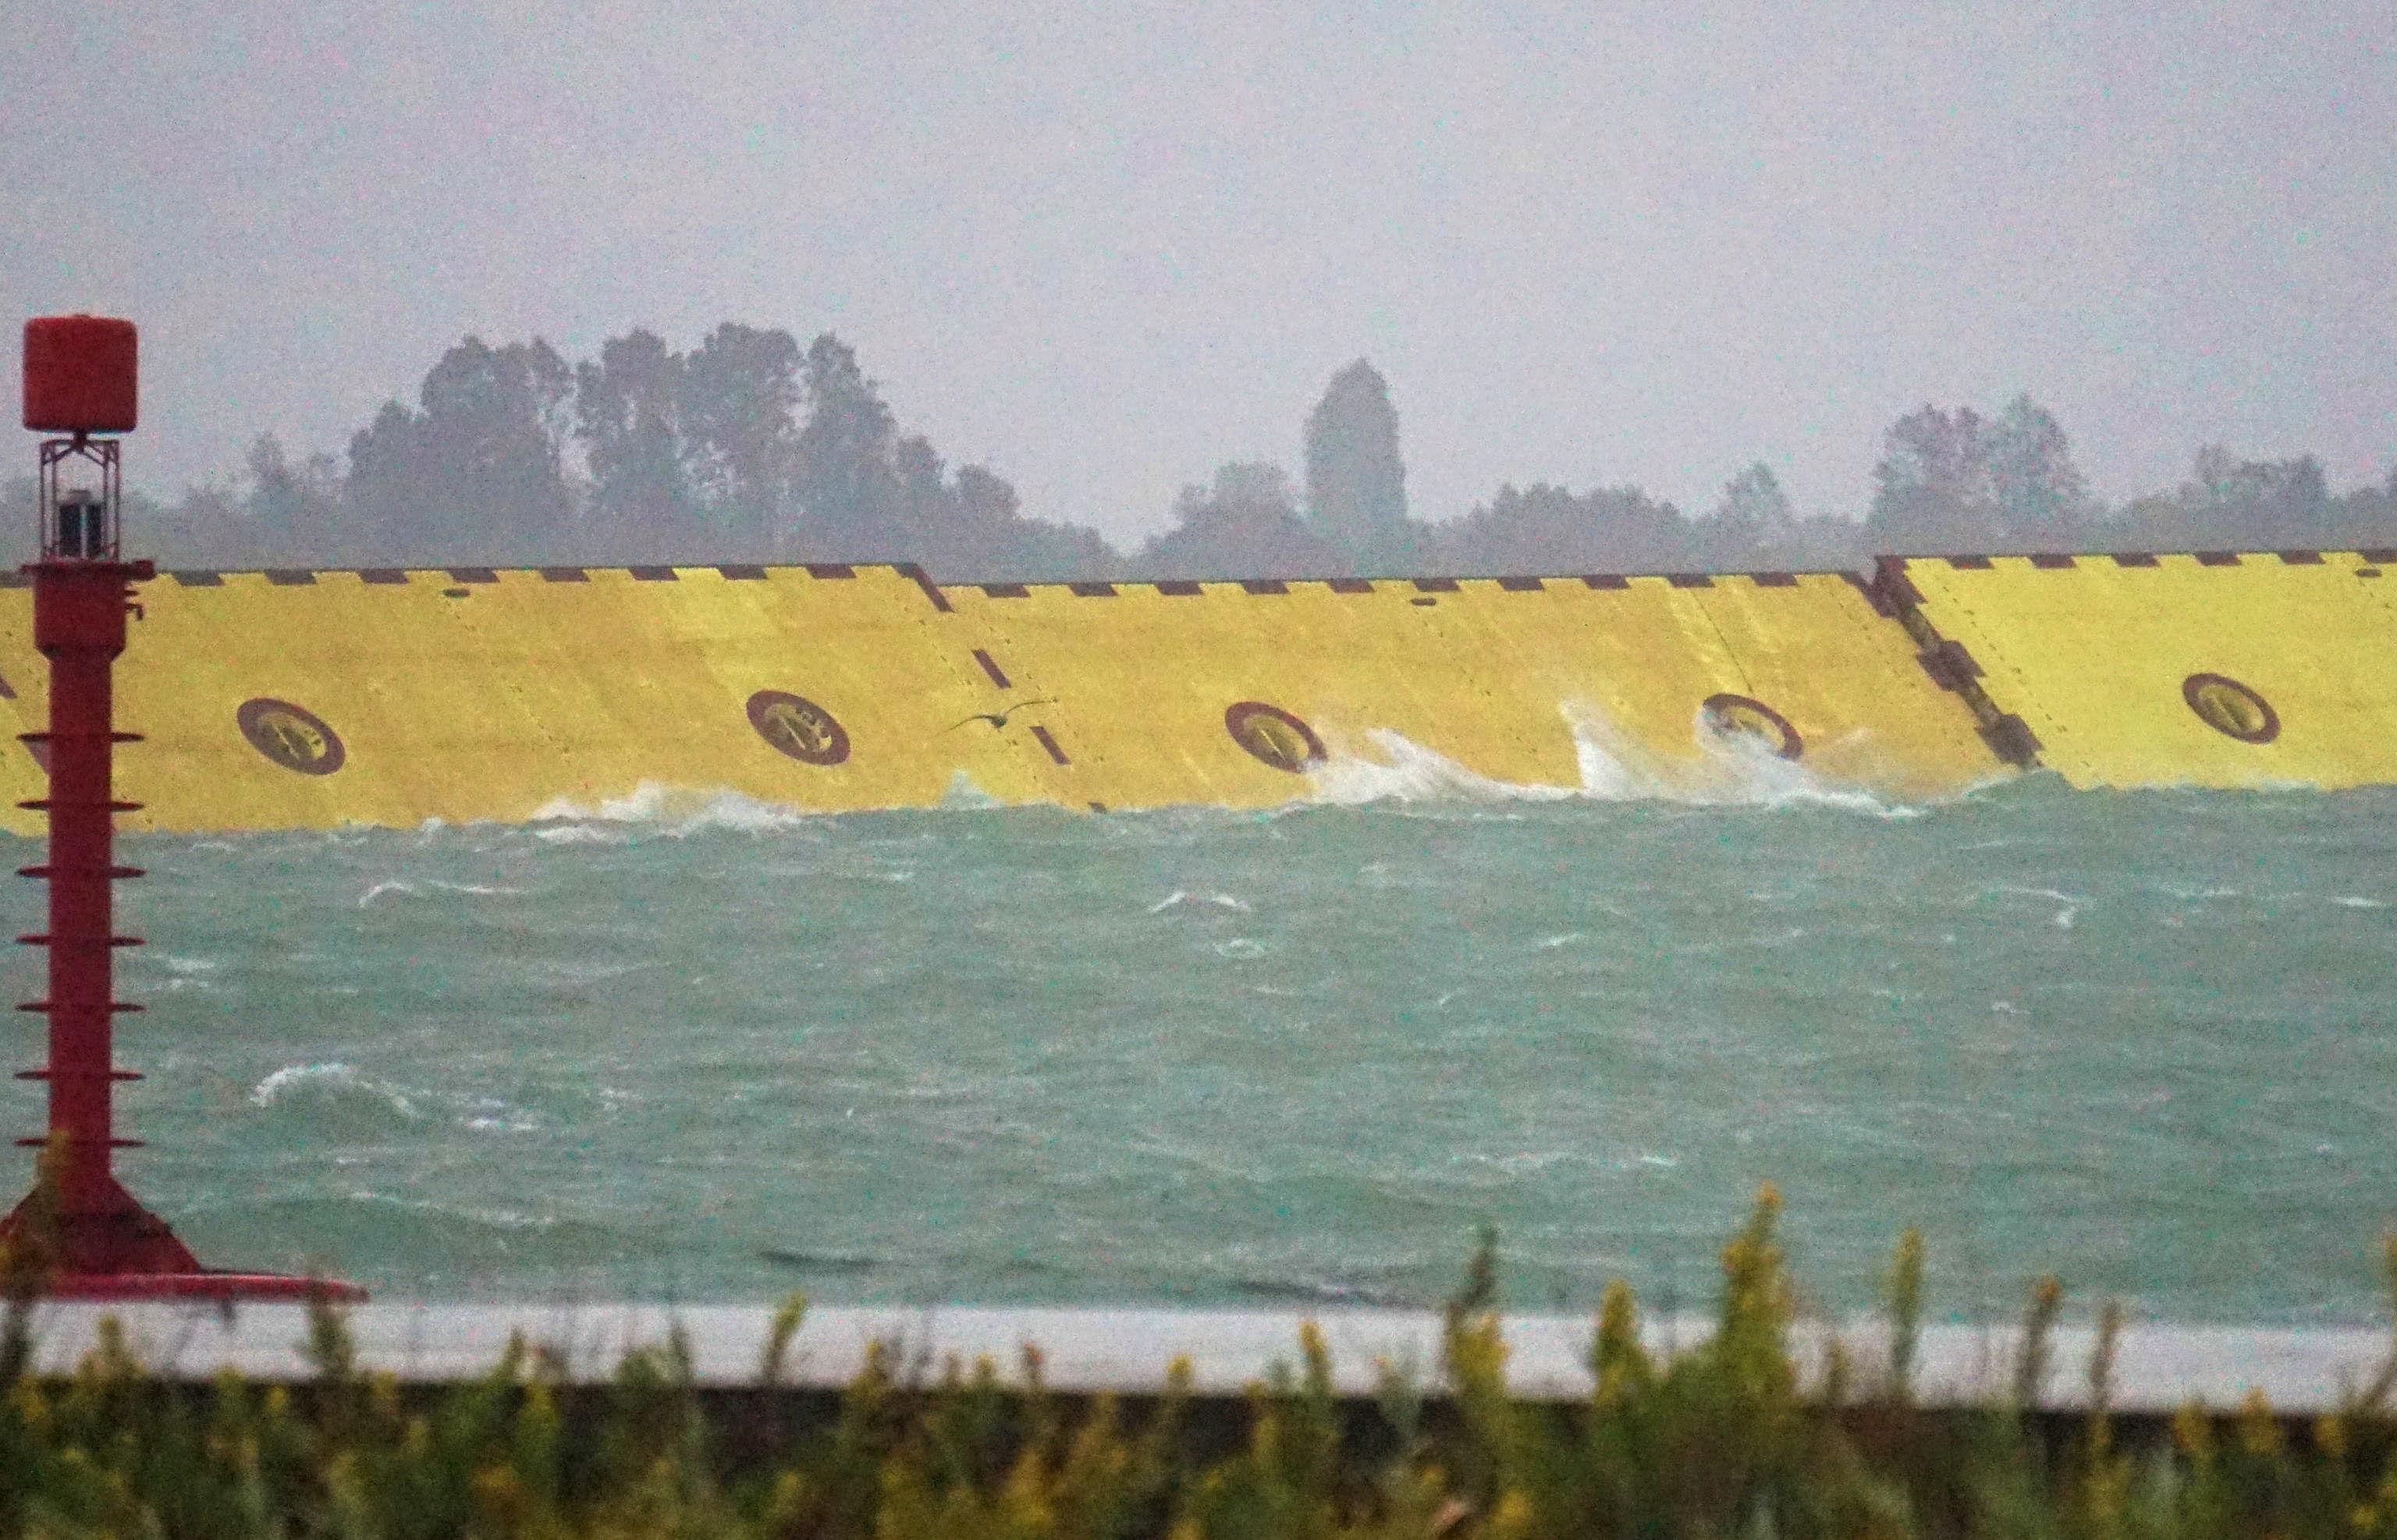 Mose: Venecia levanta por primera vez su sistema de diques contra las inundaciones